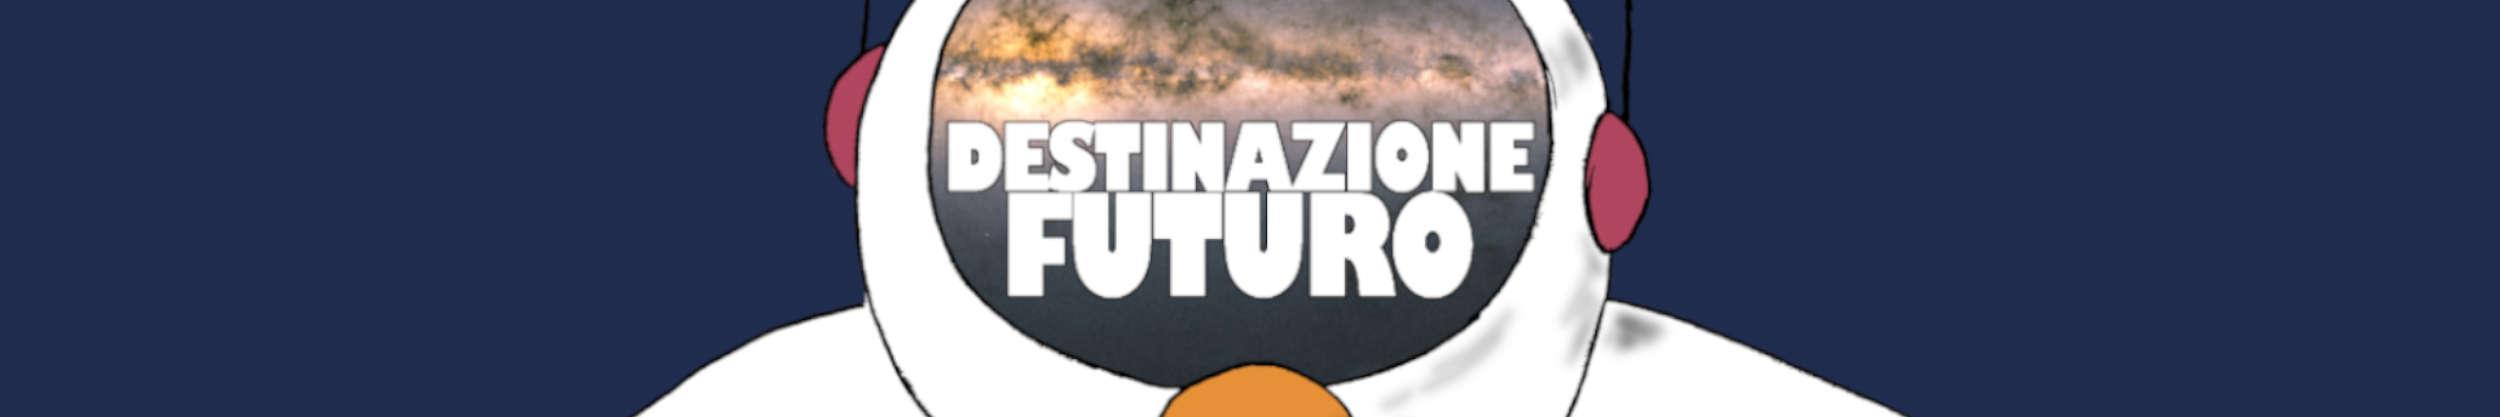 banner-destinazione_futuro